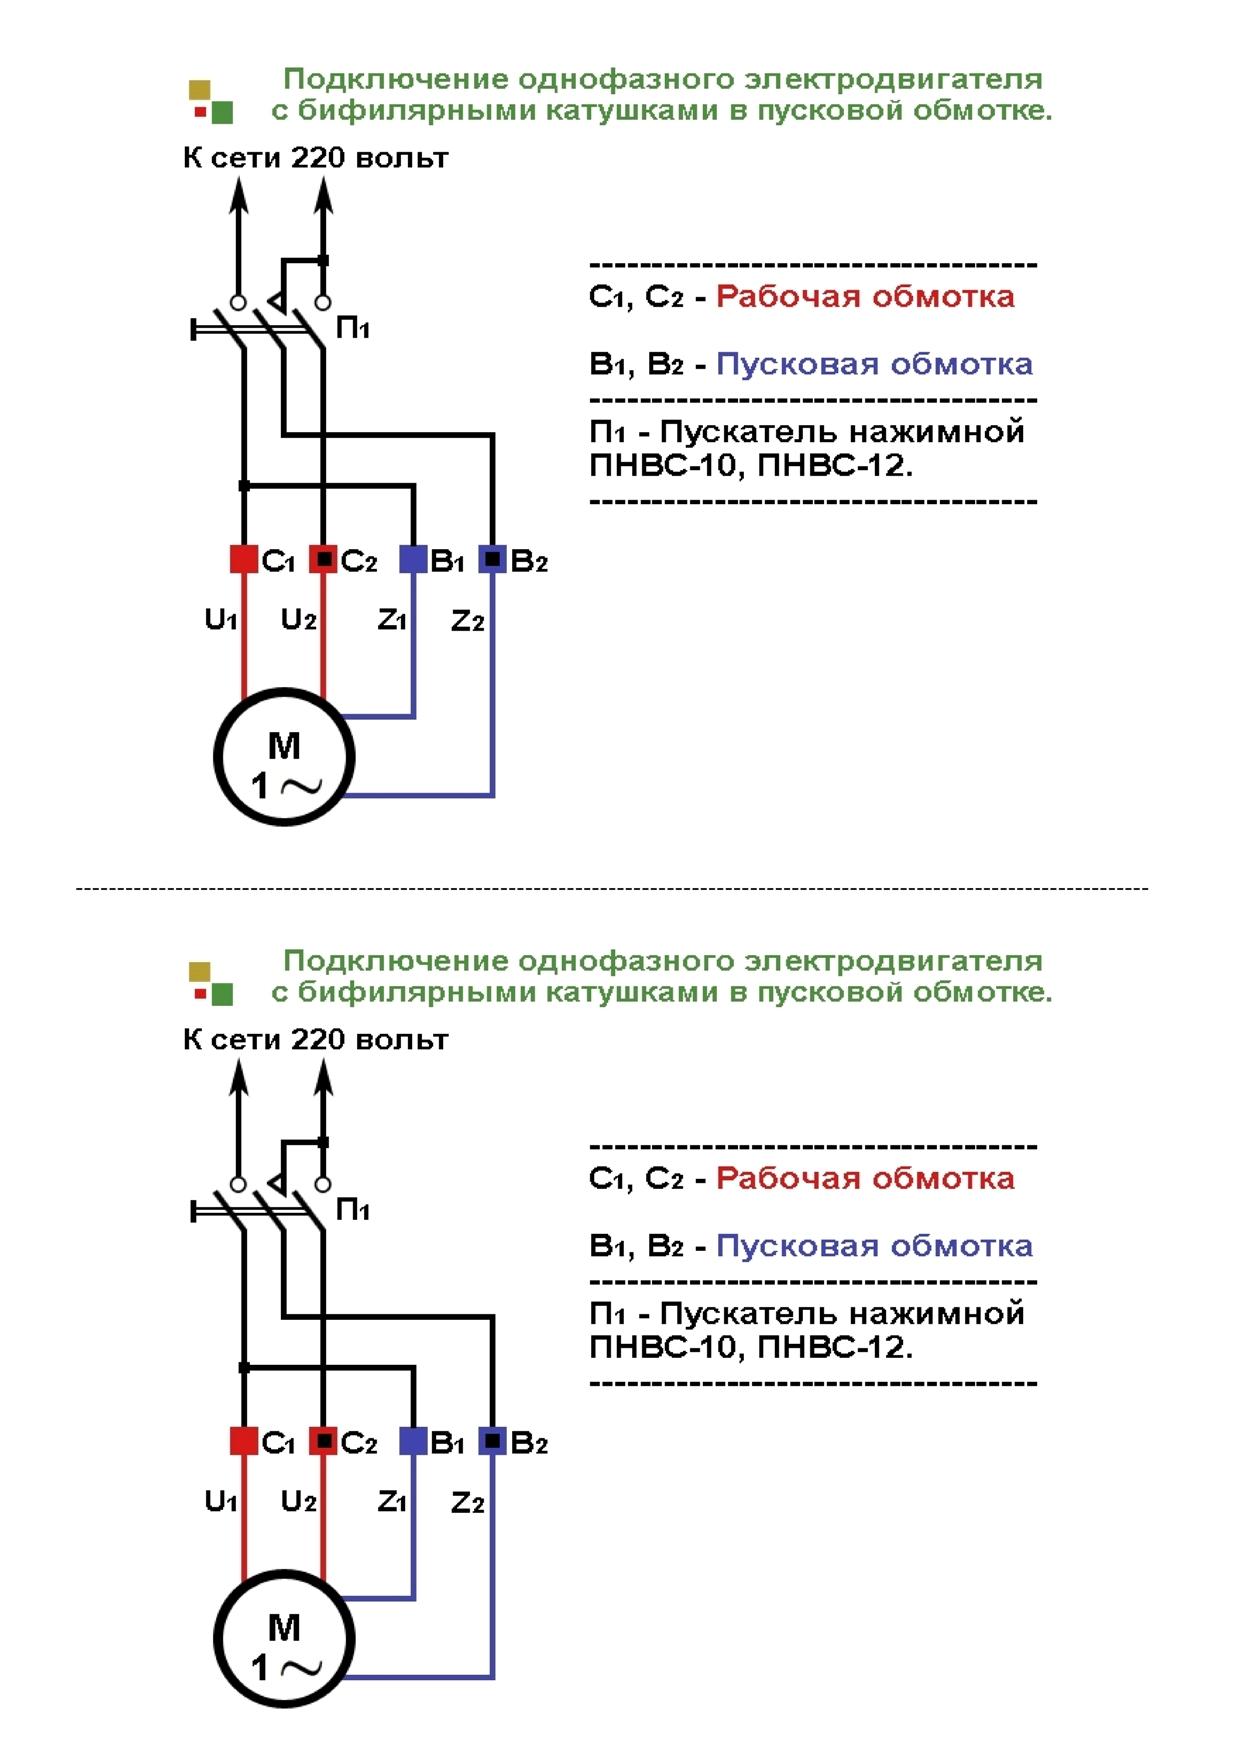 Схема реверса двигателя с конденсатором